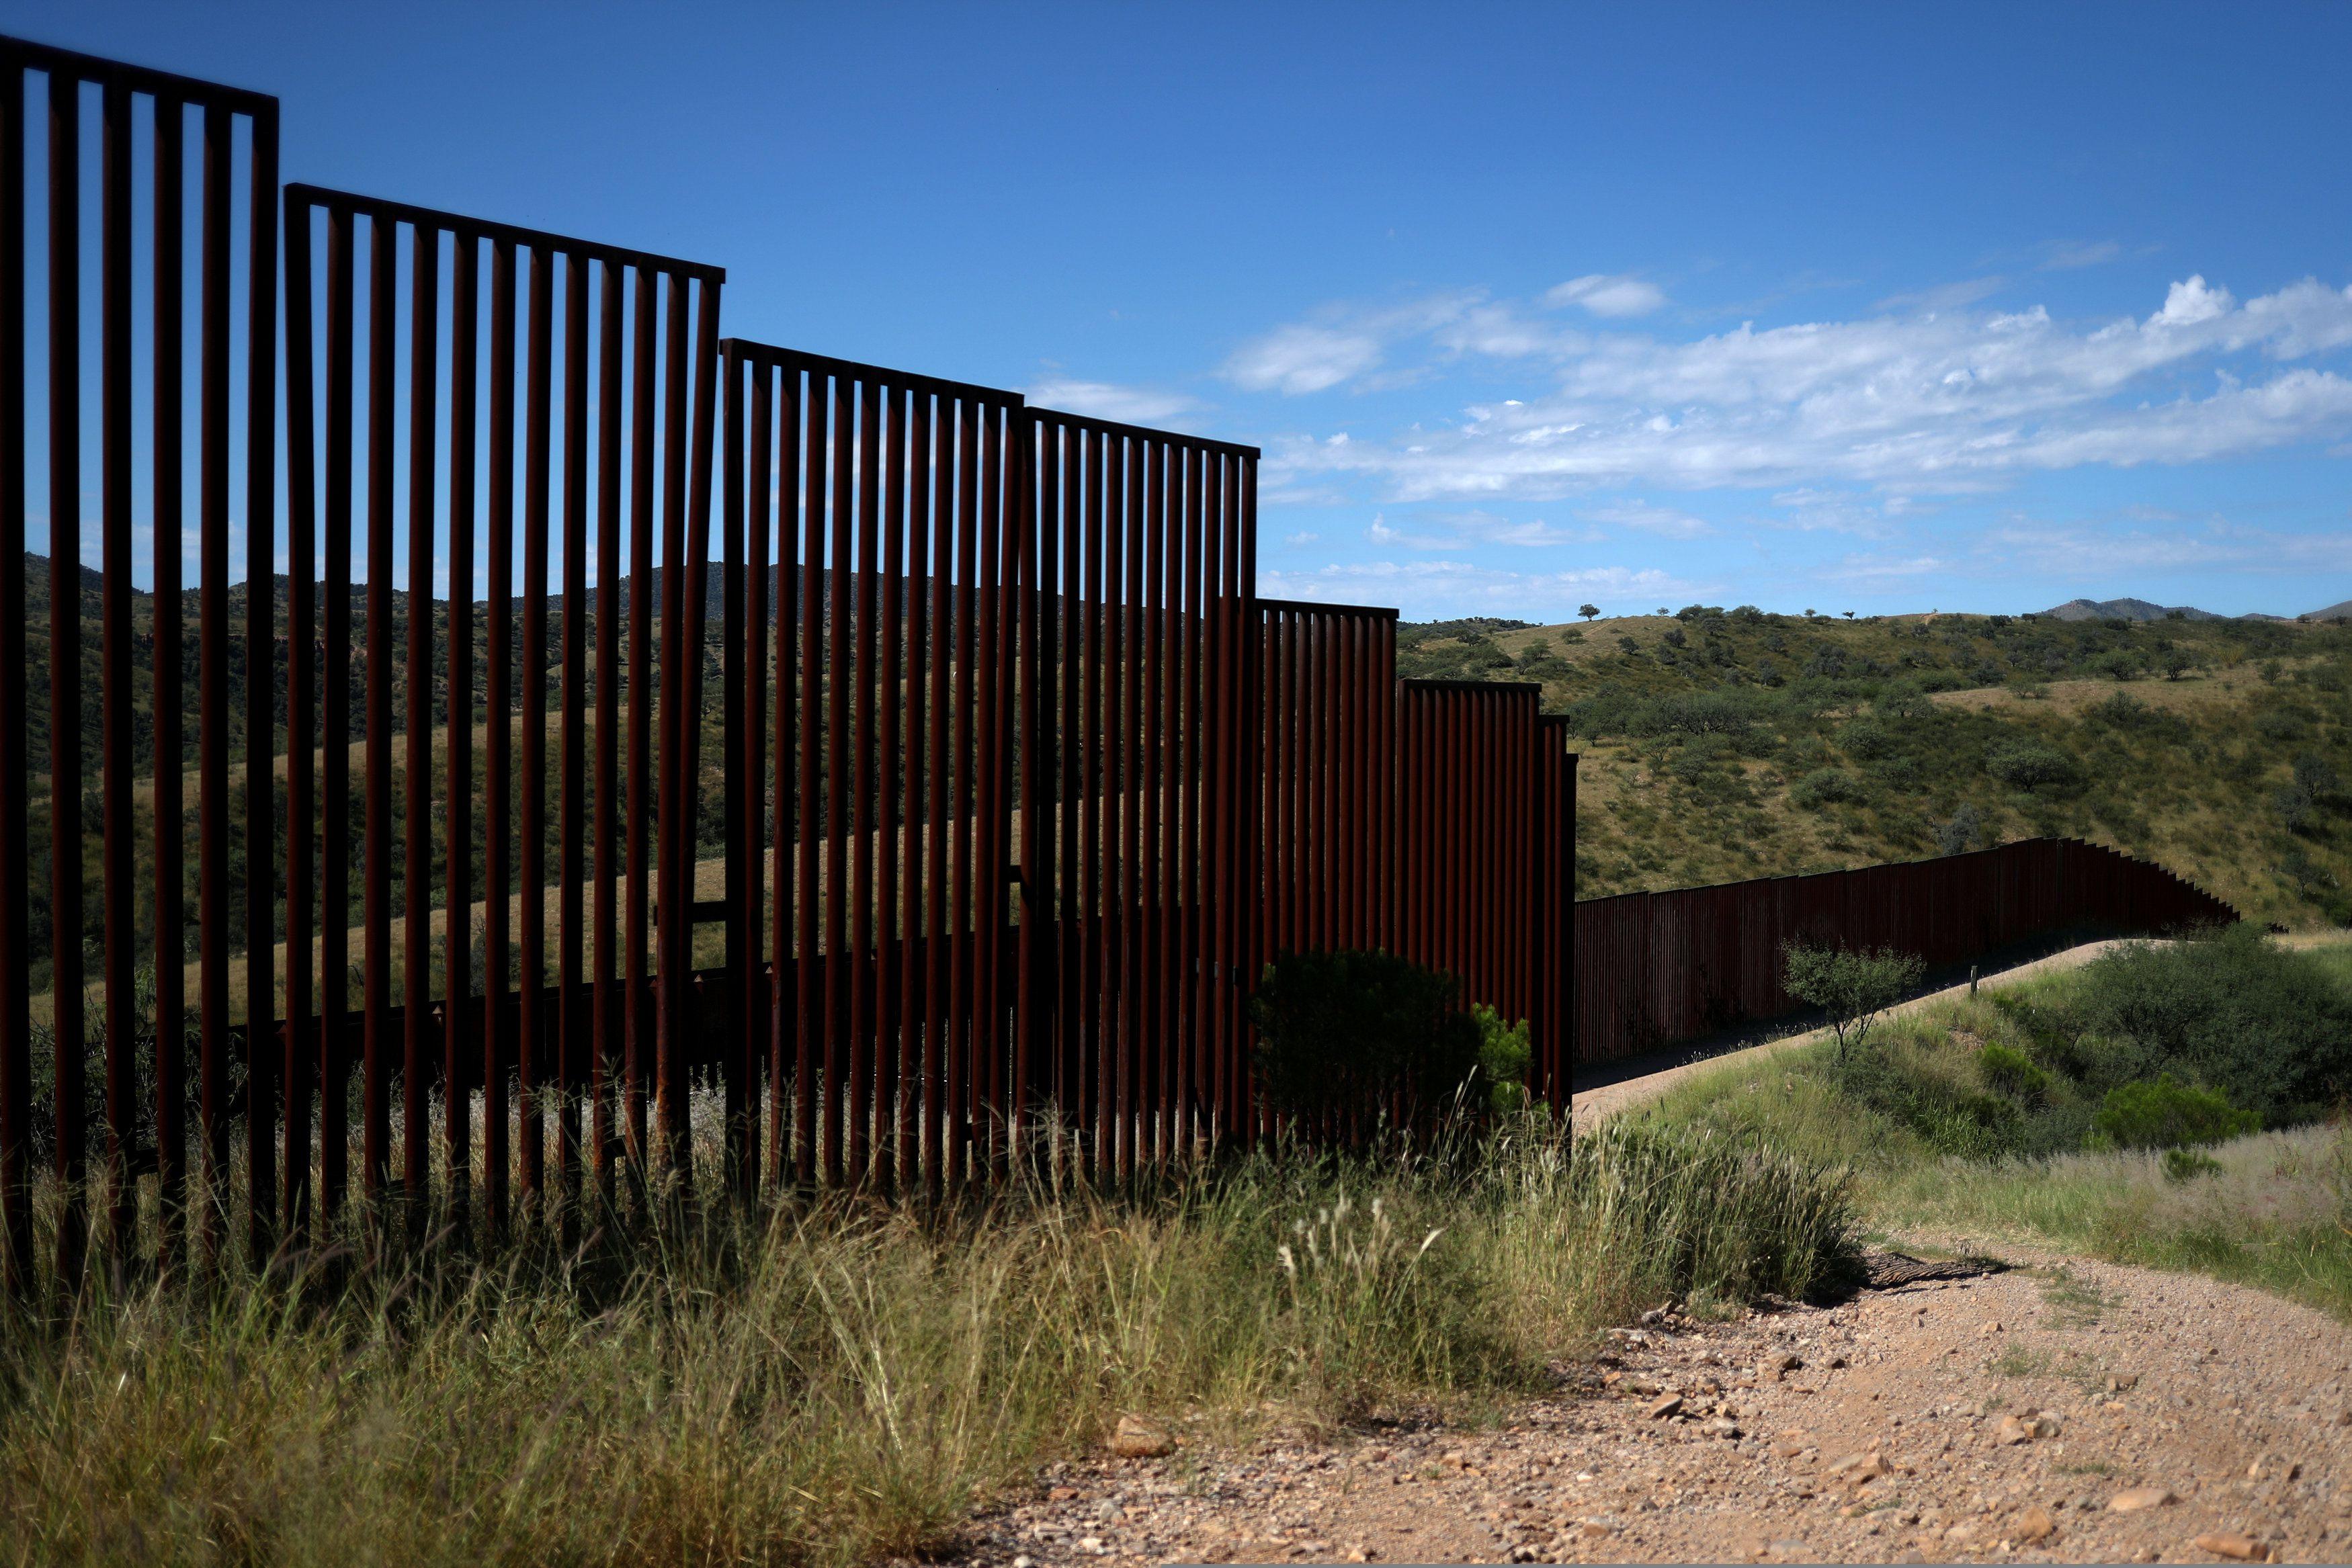 En las aduanas mexicanas, autoridades del país han logrado decomisar armas y droga (Foto: Reuters)